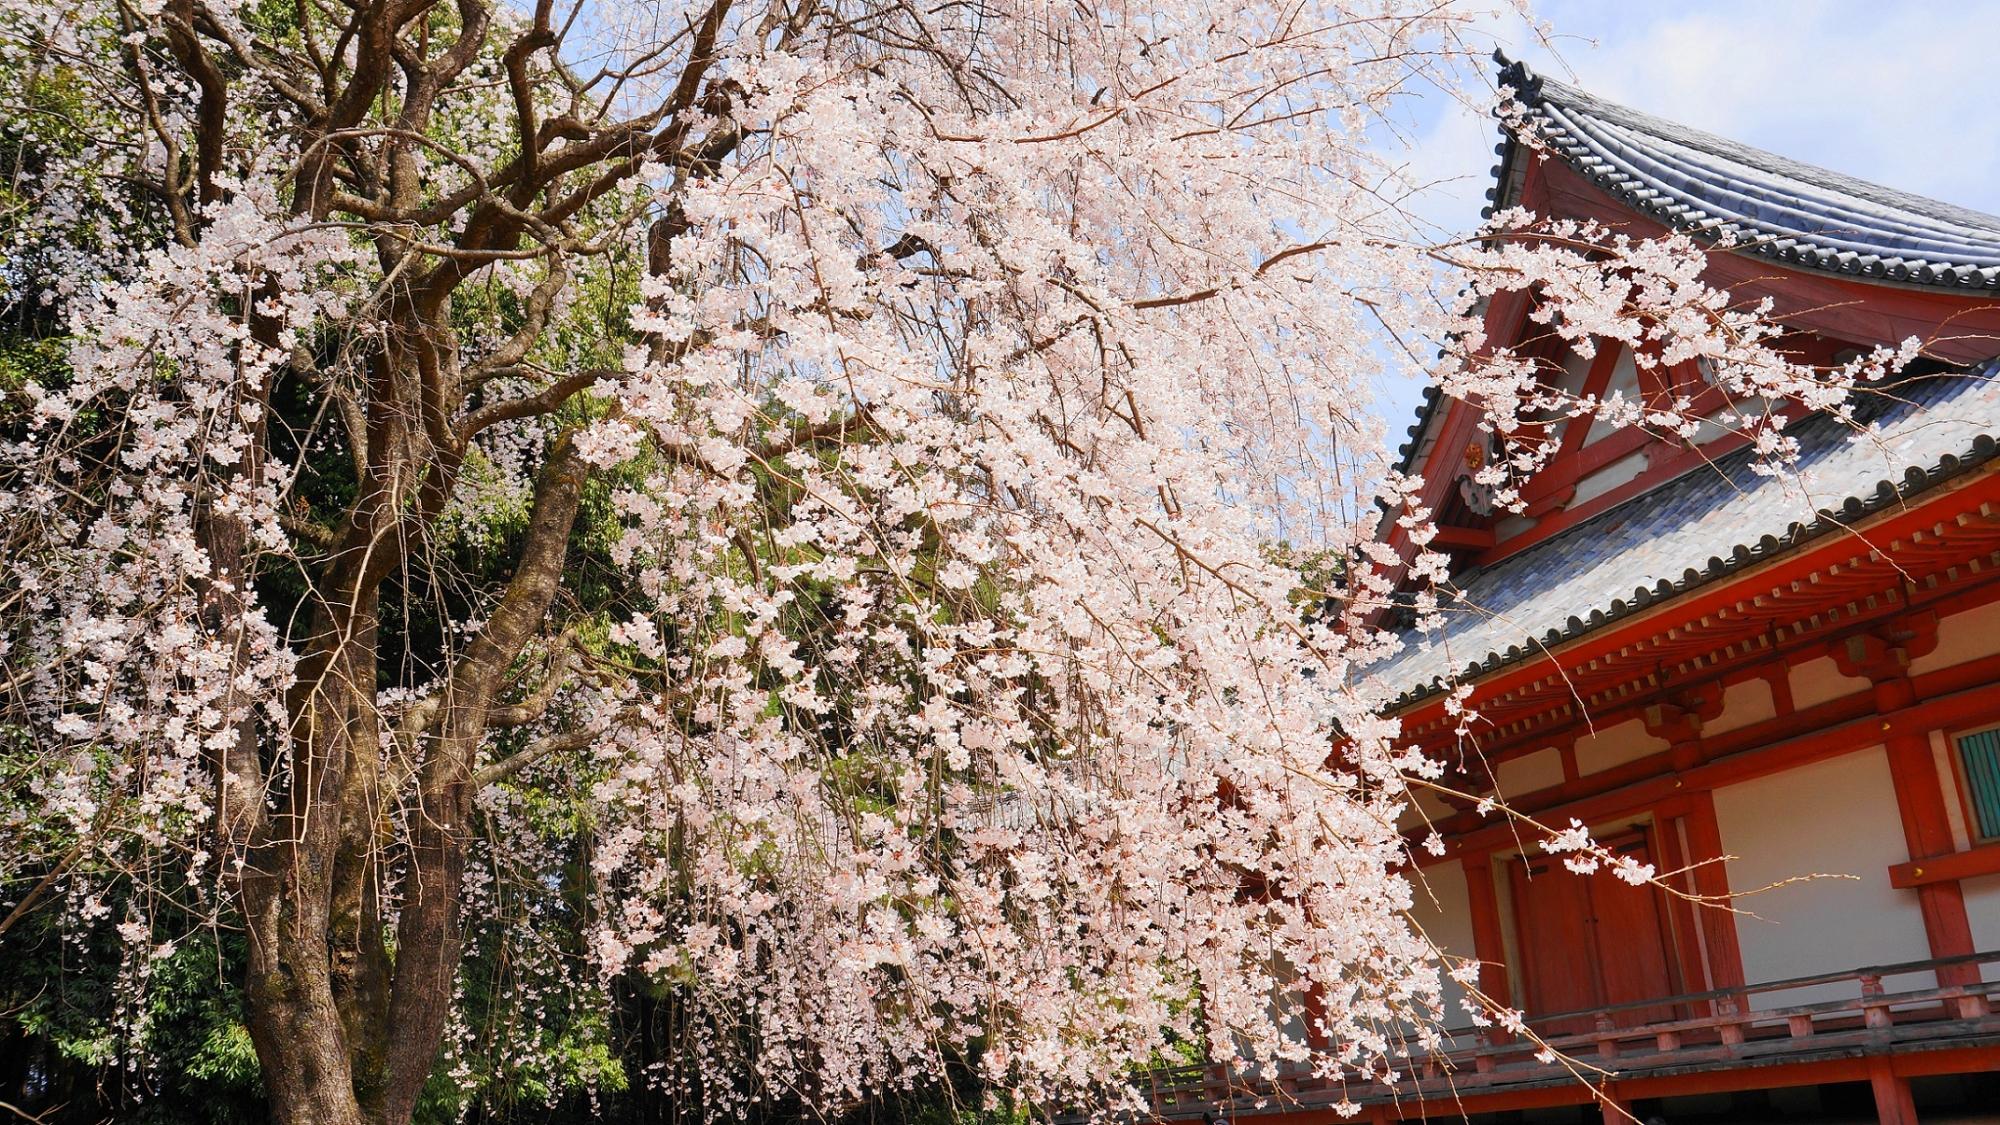 桜の名所の醍醐寺の金堂横の巨木の満開の迫力のしだれ桜